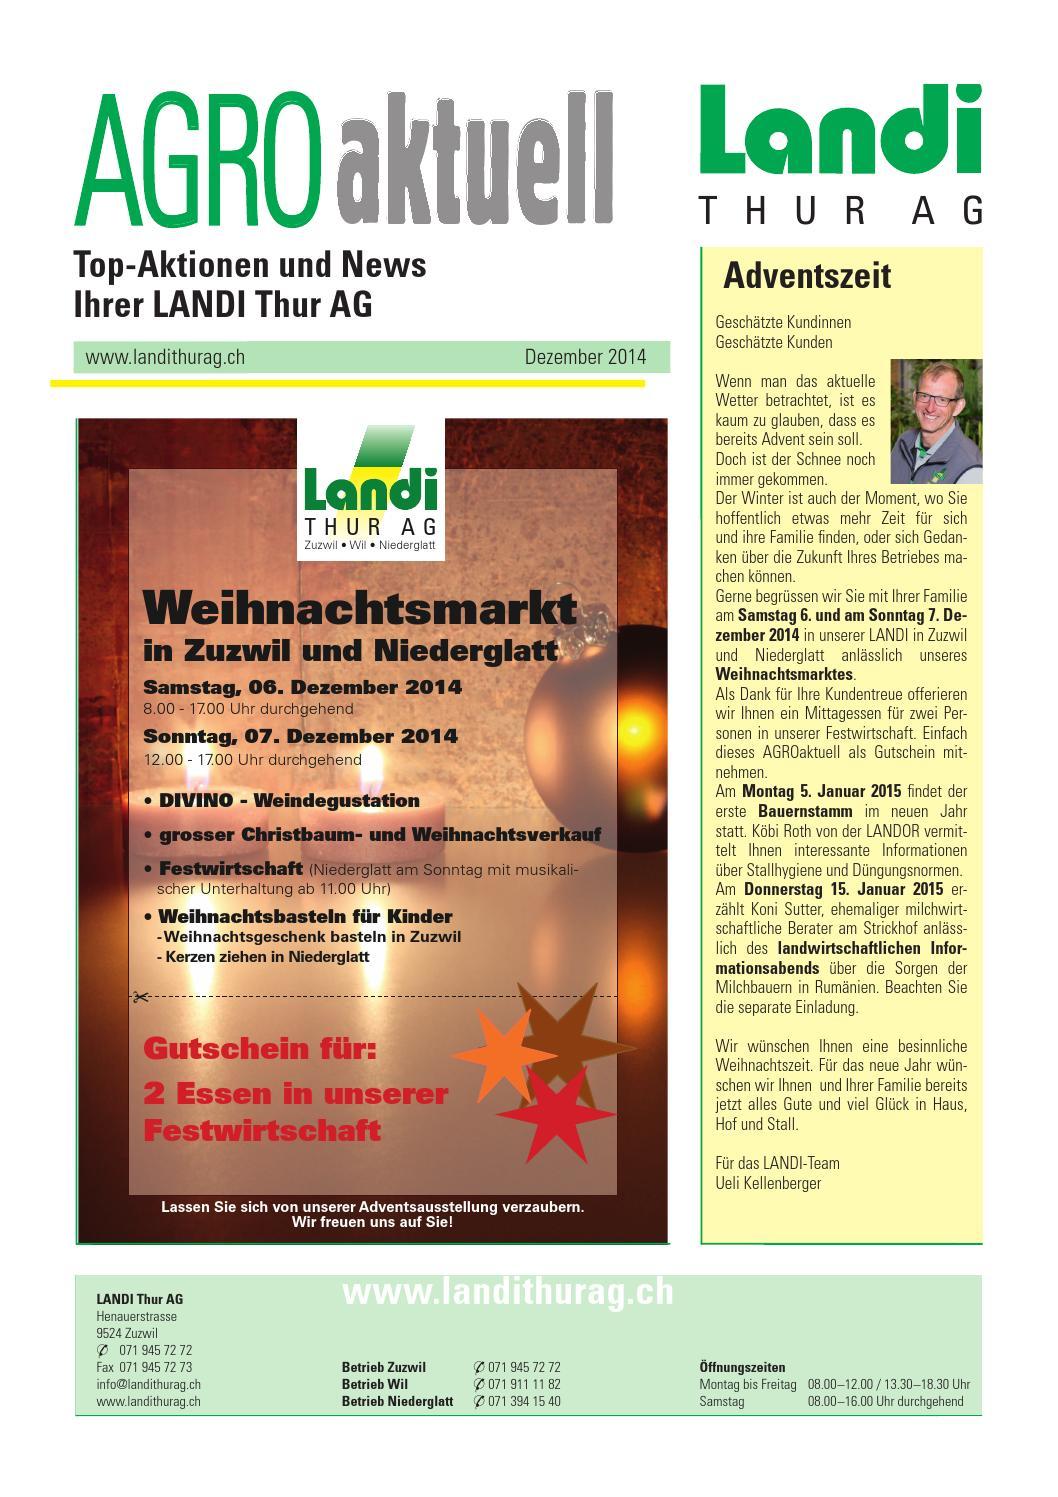 ueli_kellenberger_issue_2015-12_1915 by Rüegg Stephan - issuu